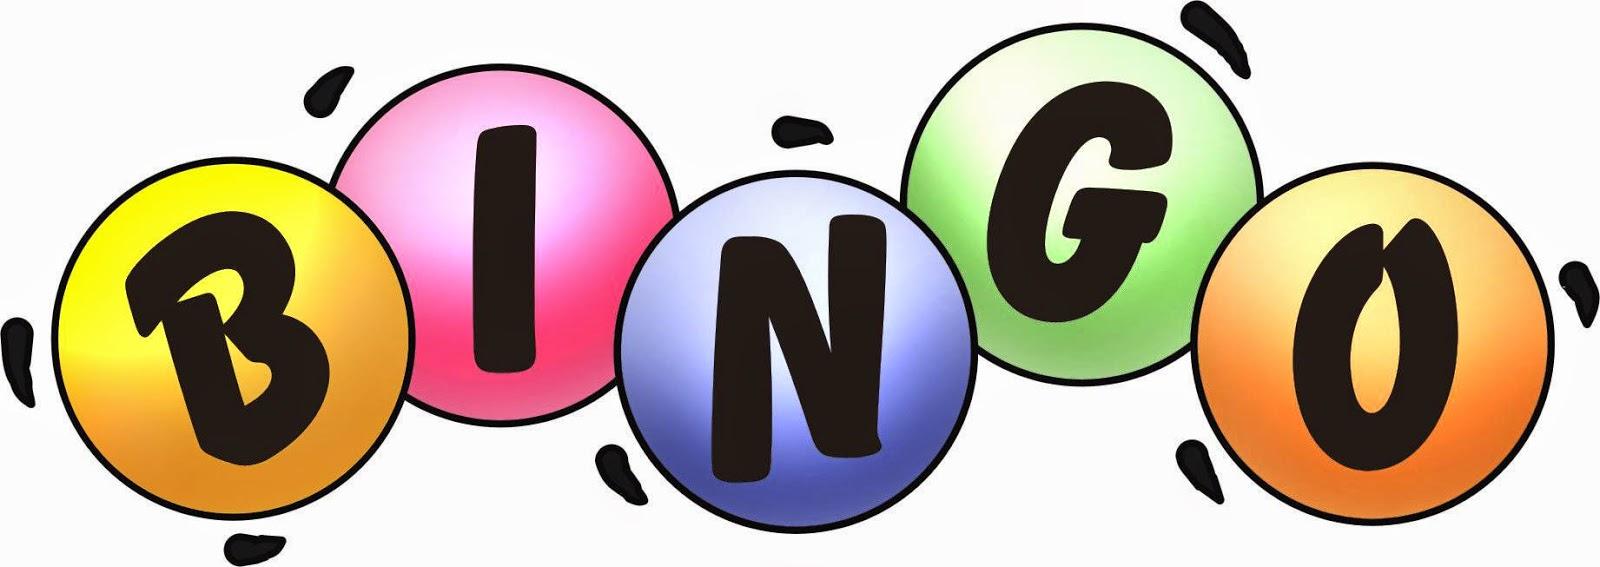 Fabulous ICT-idee: 213. Maak je eigen bingokaarten met OSRIC Bingo Card &PP98